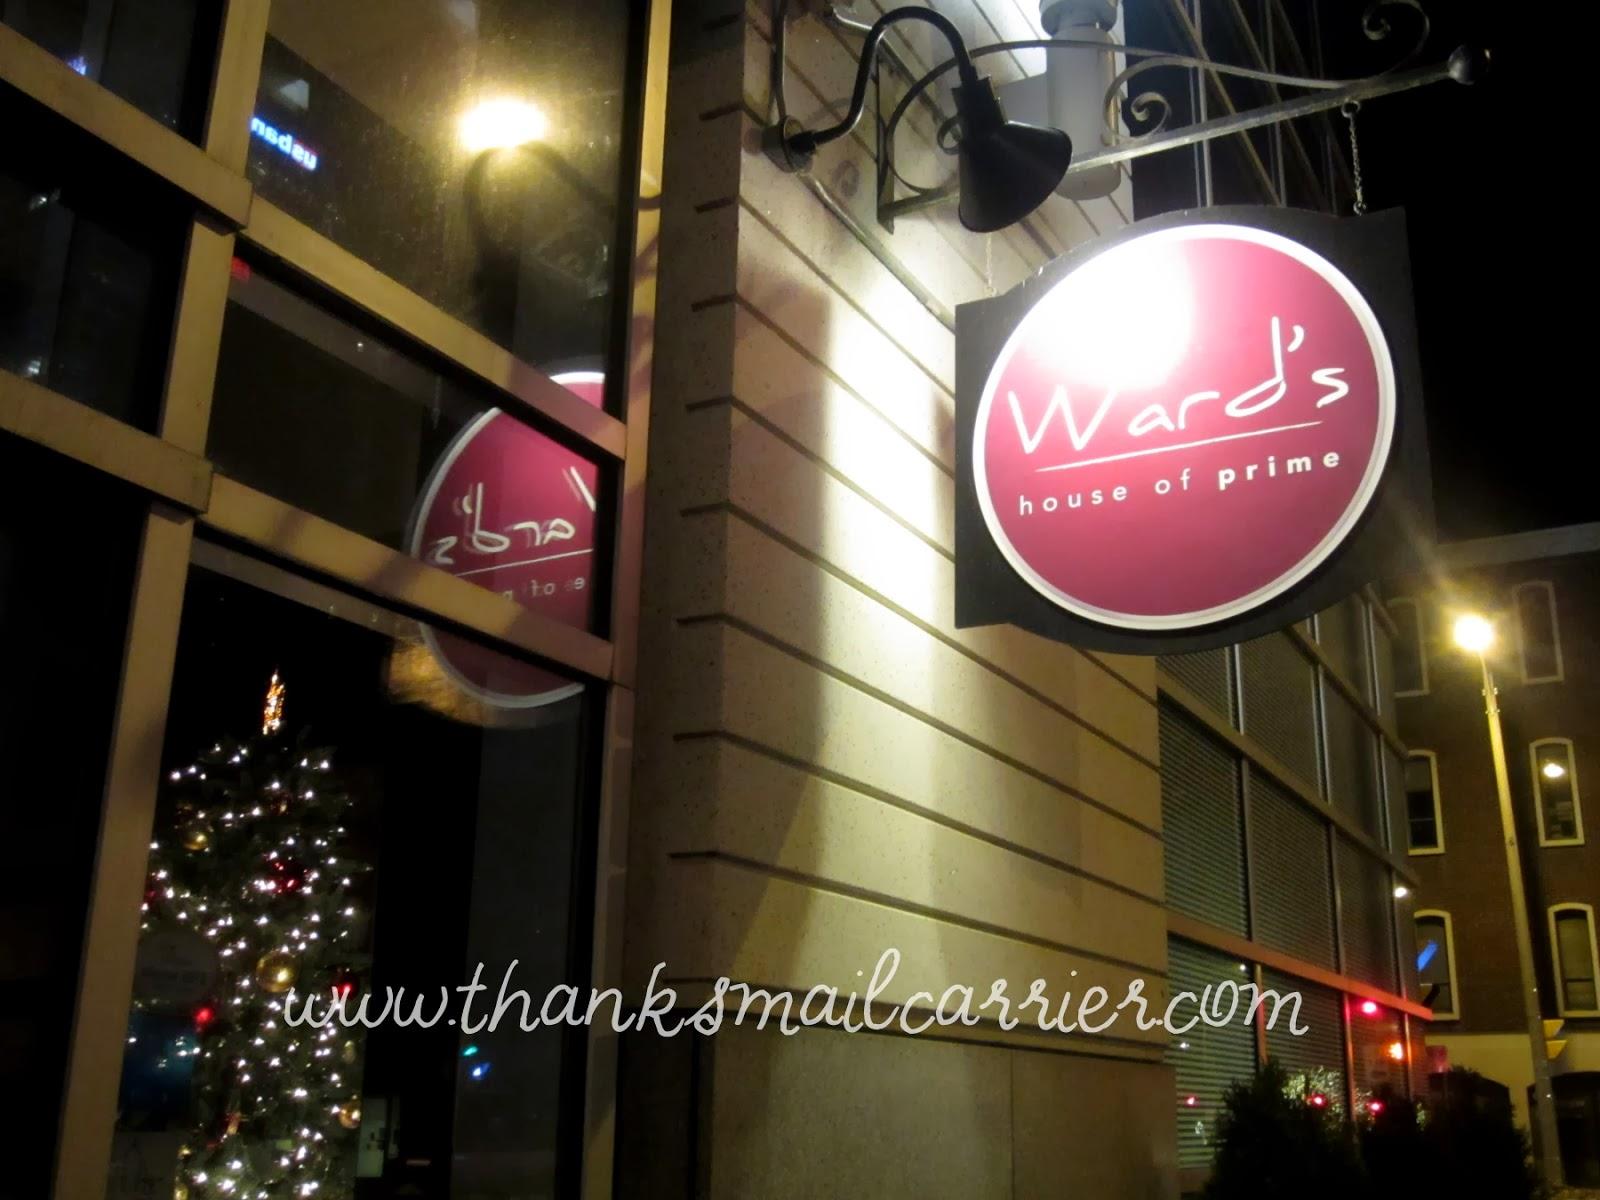 Ward's restaurant